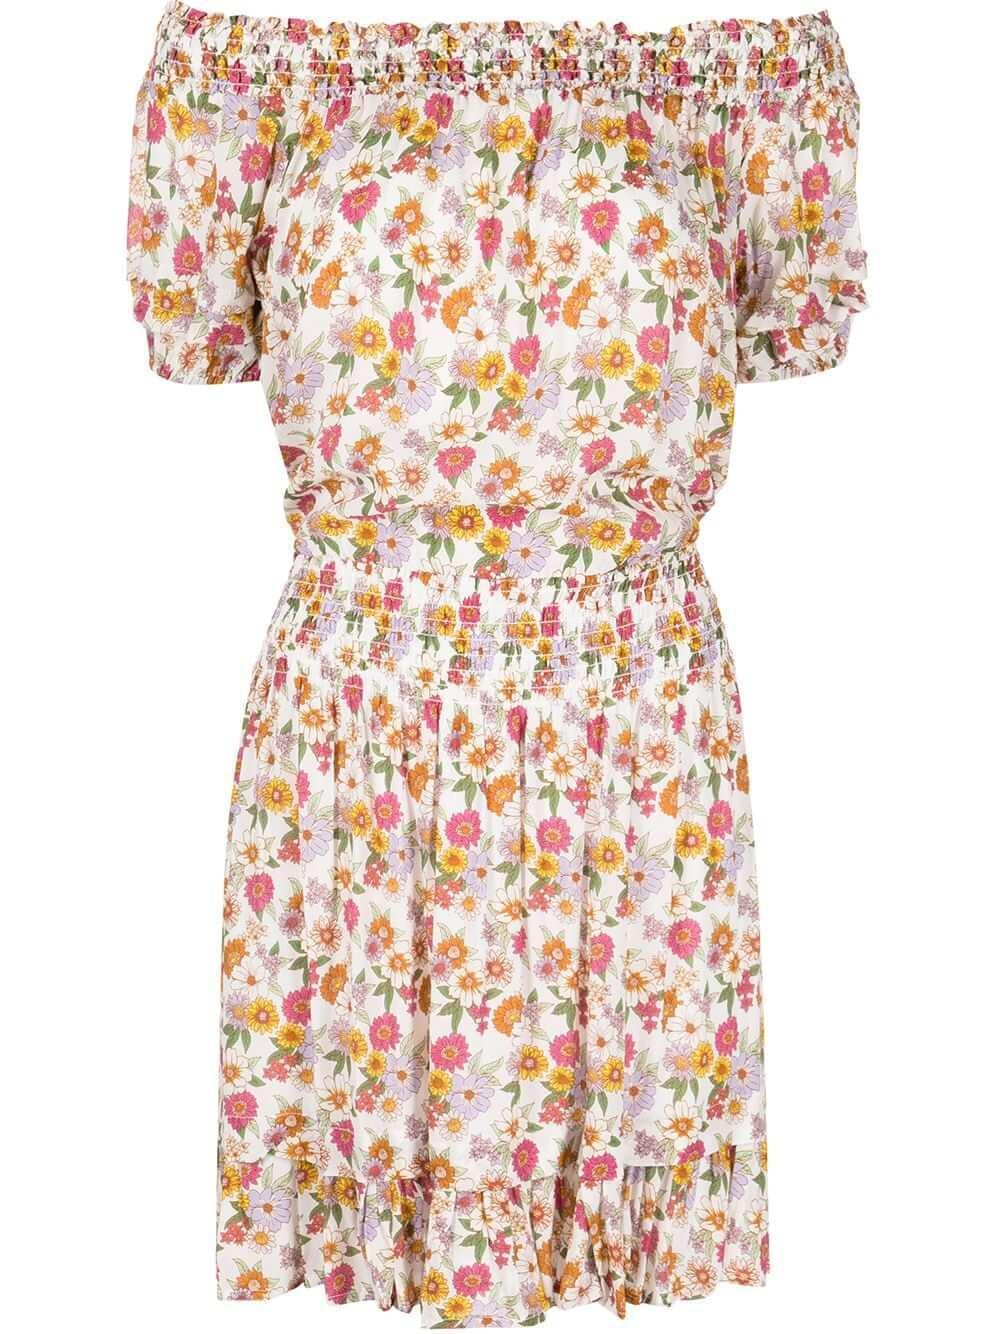 Sunshine Paradise Mini Dress Item # CD18783